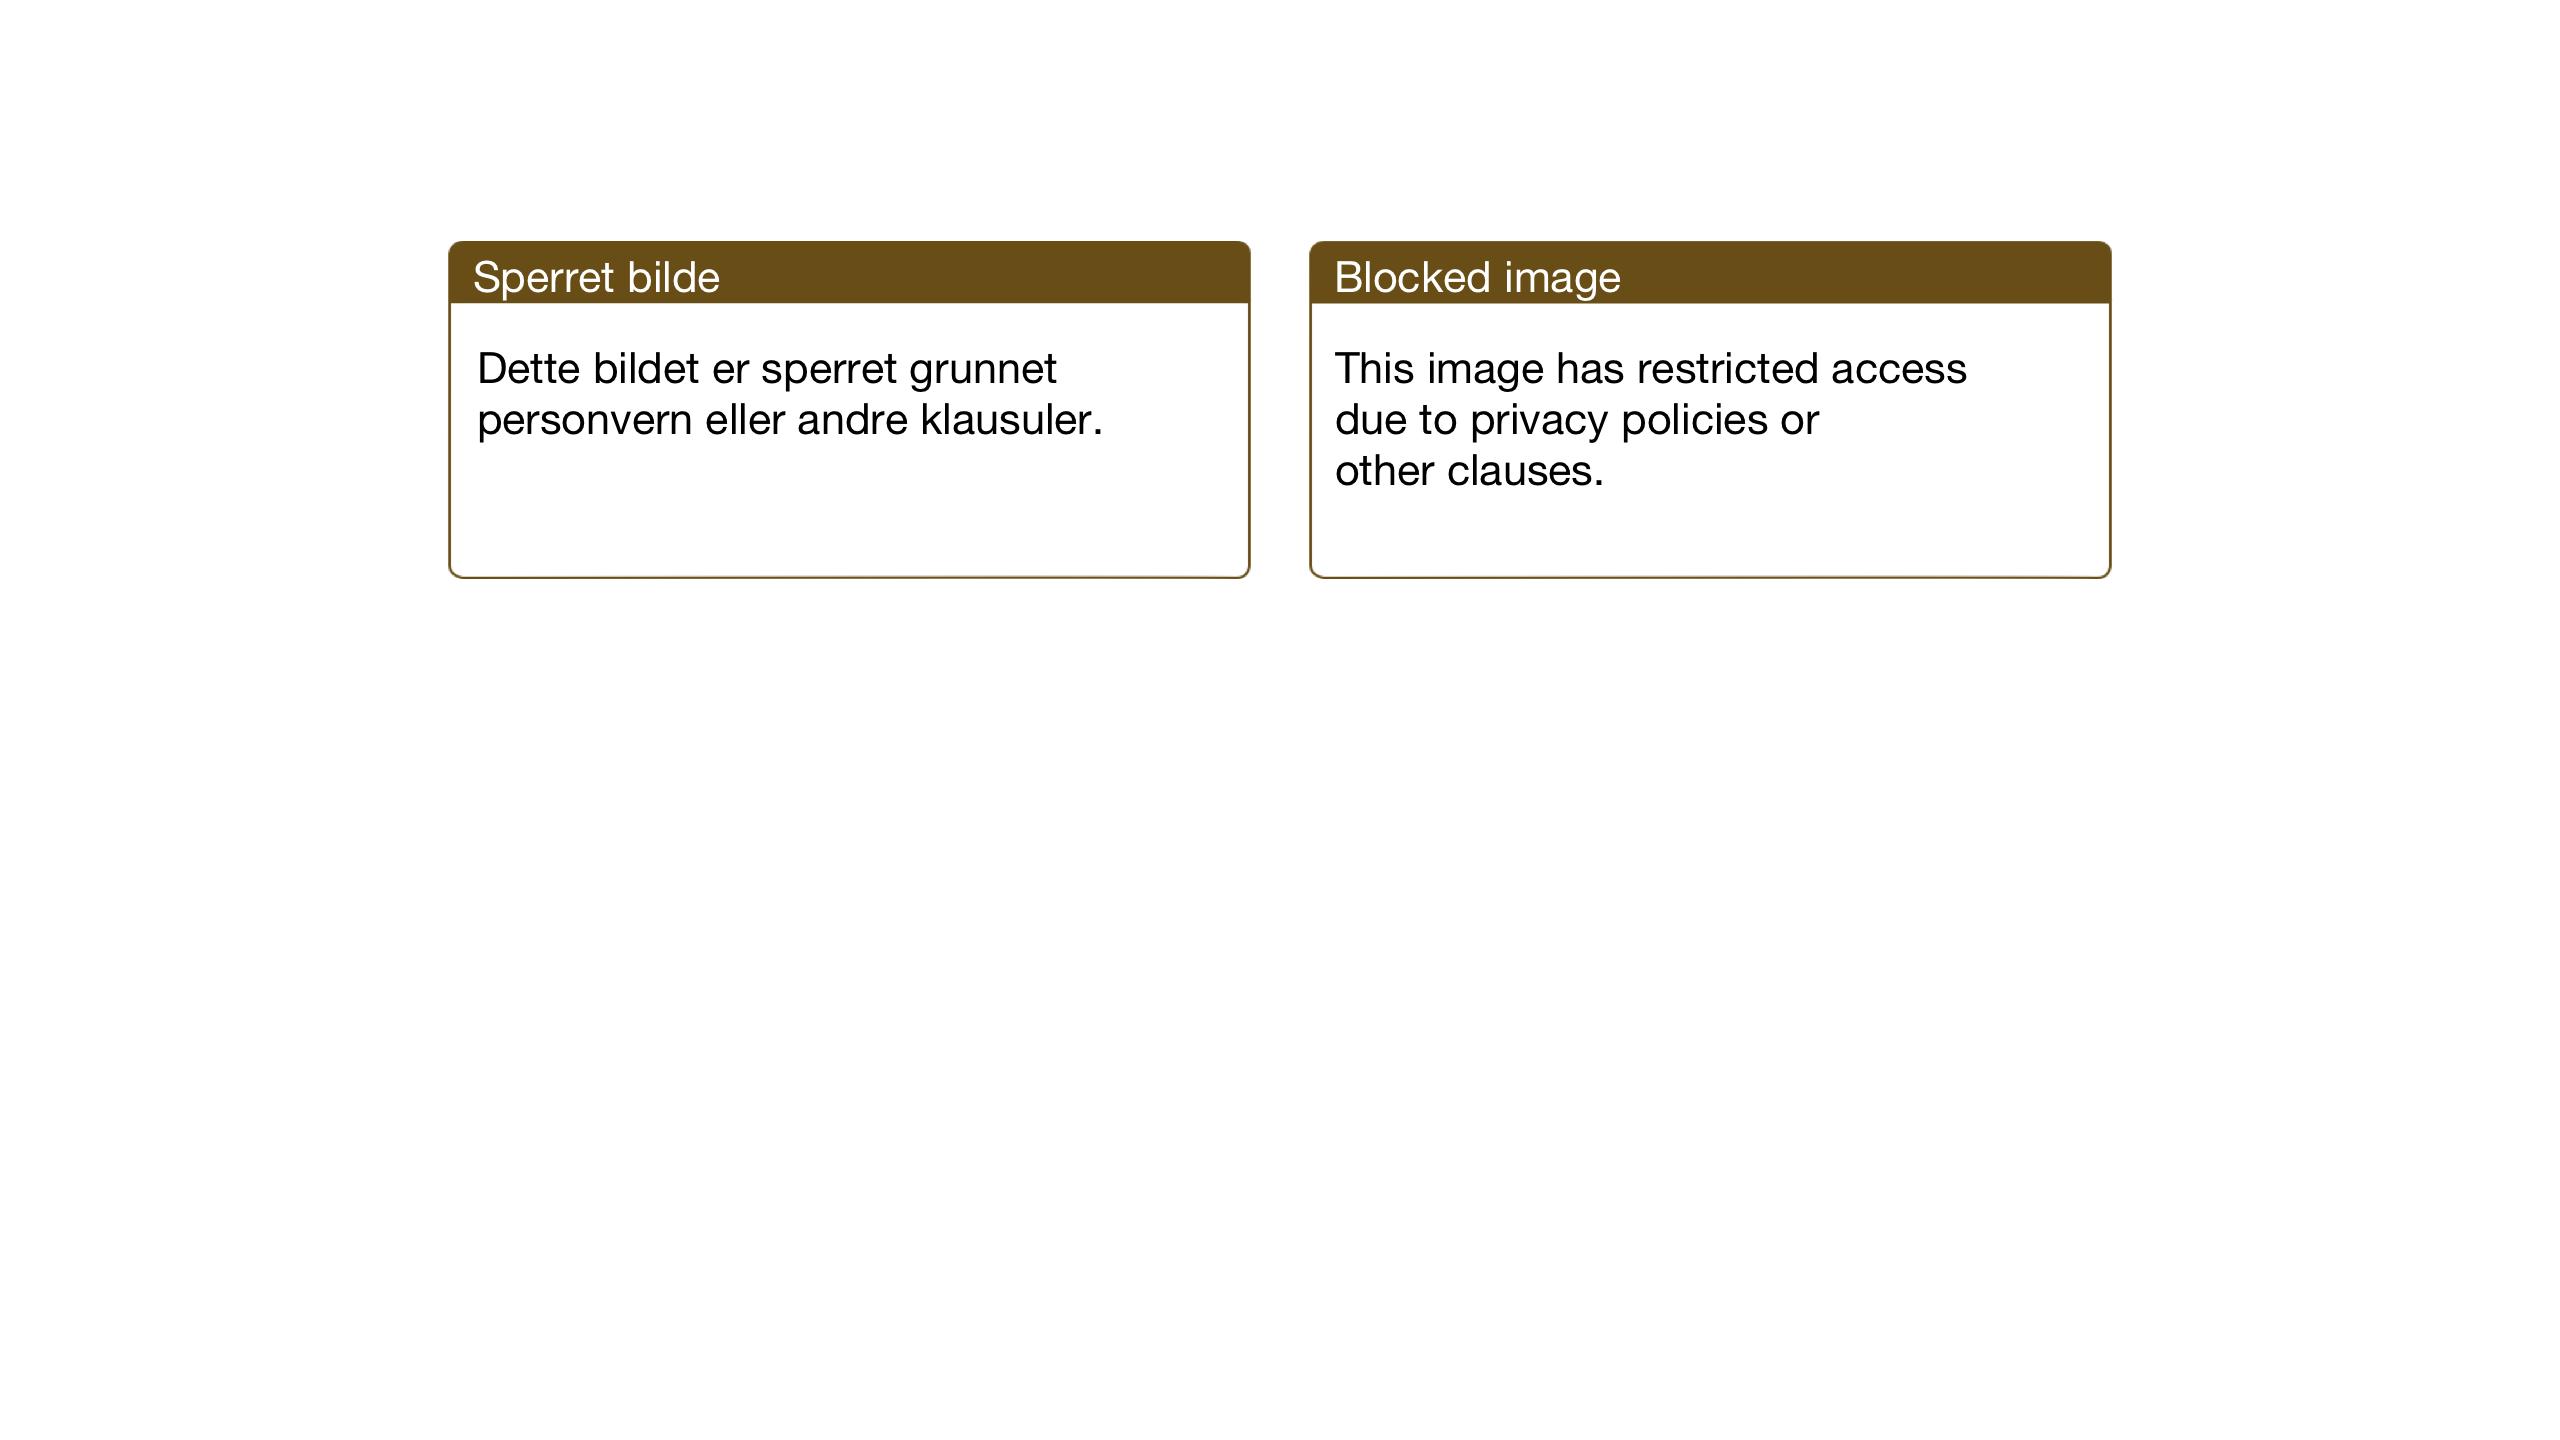 SAT, Ministerialprotokoller, klokkerbøker og fødselsregistre - Nord-Trøndelag, 733/L0328: Klokkerbok nr. 733C03, 1919-1966, s. 30